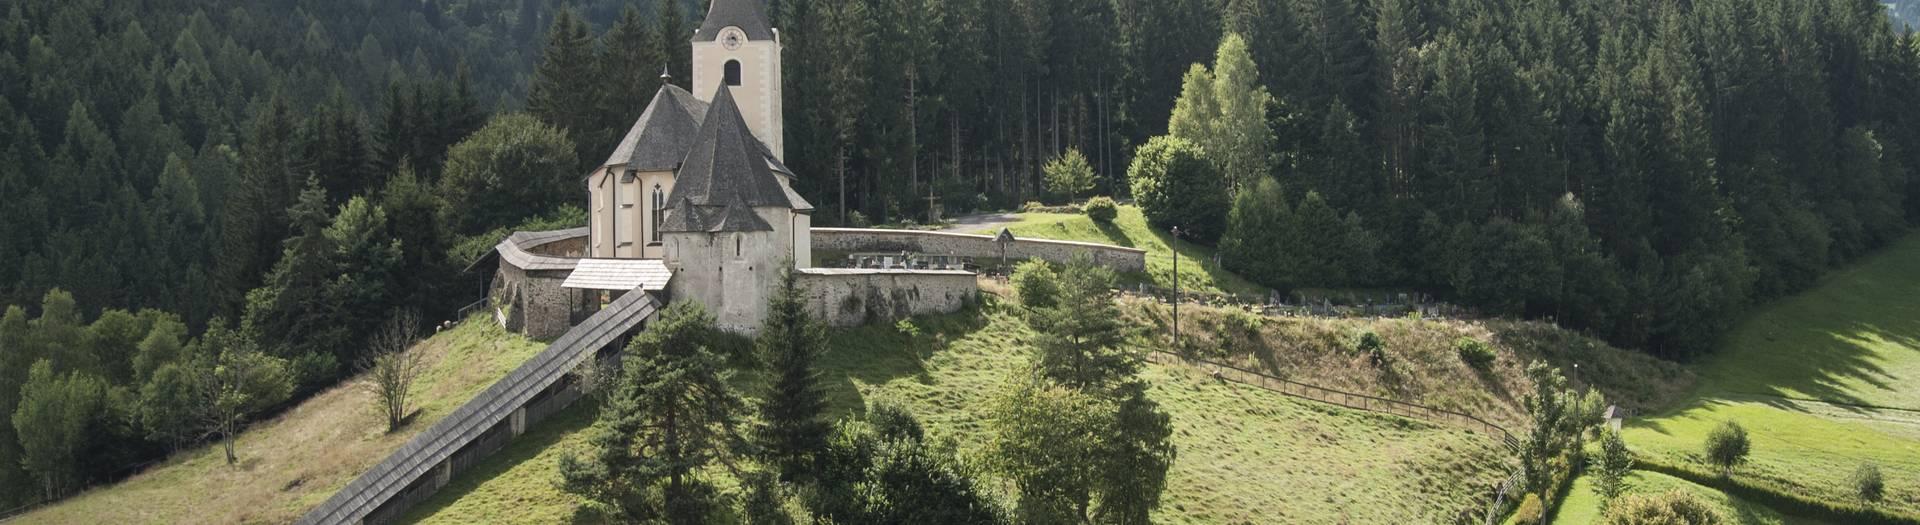 In einem Seitental des Gurktales liegt der Erholungsort Deutsch-Griffen. Markanter Punkt in der Gemeinde ist die auf einer Anhöhe gelegene Wehrkirche aus dem 12. Jahrhundert.